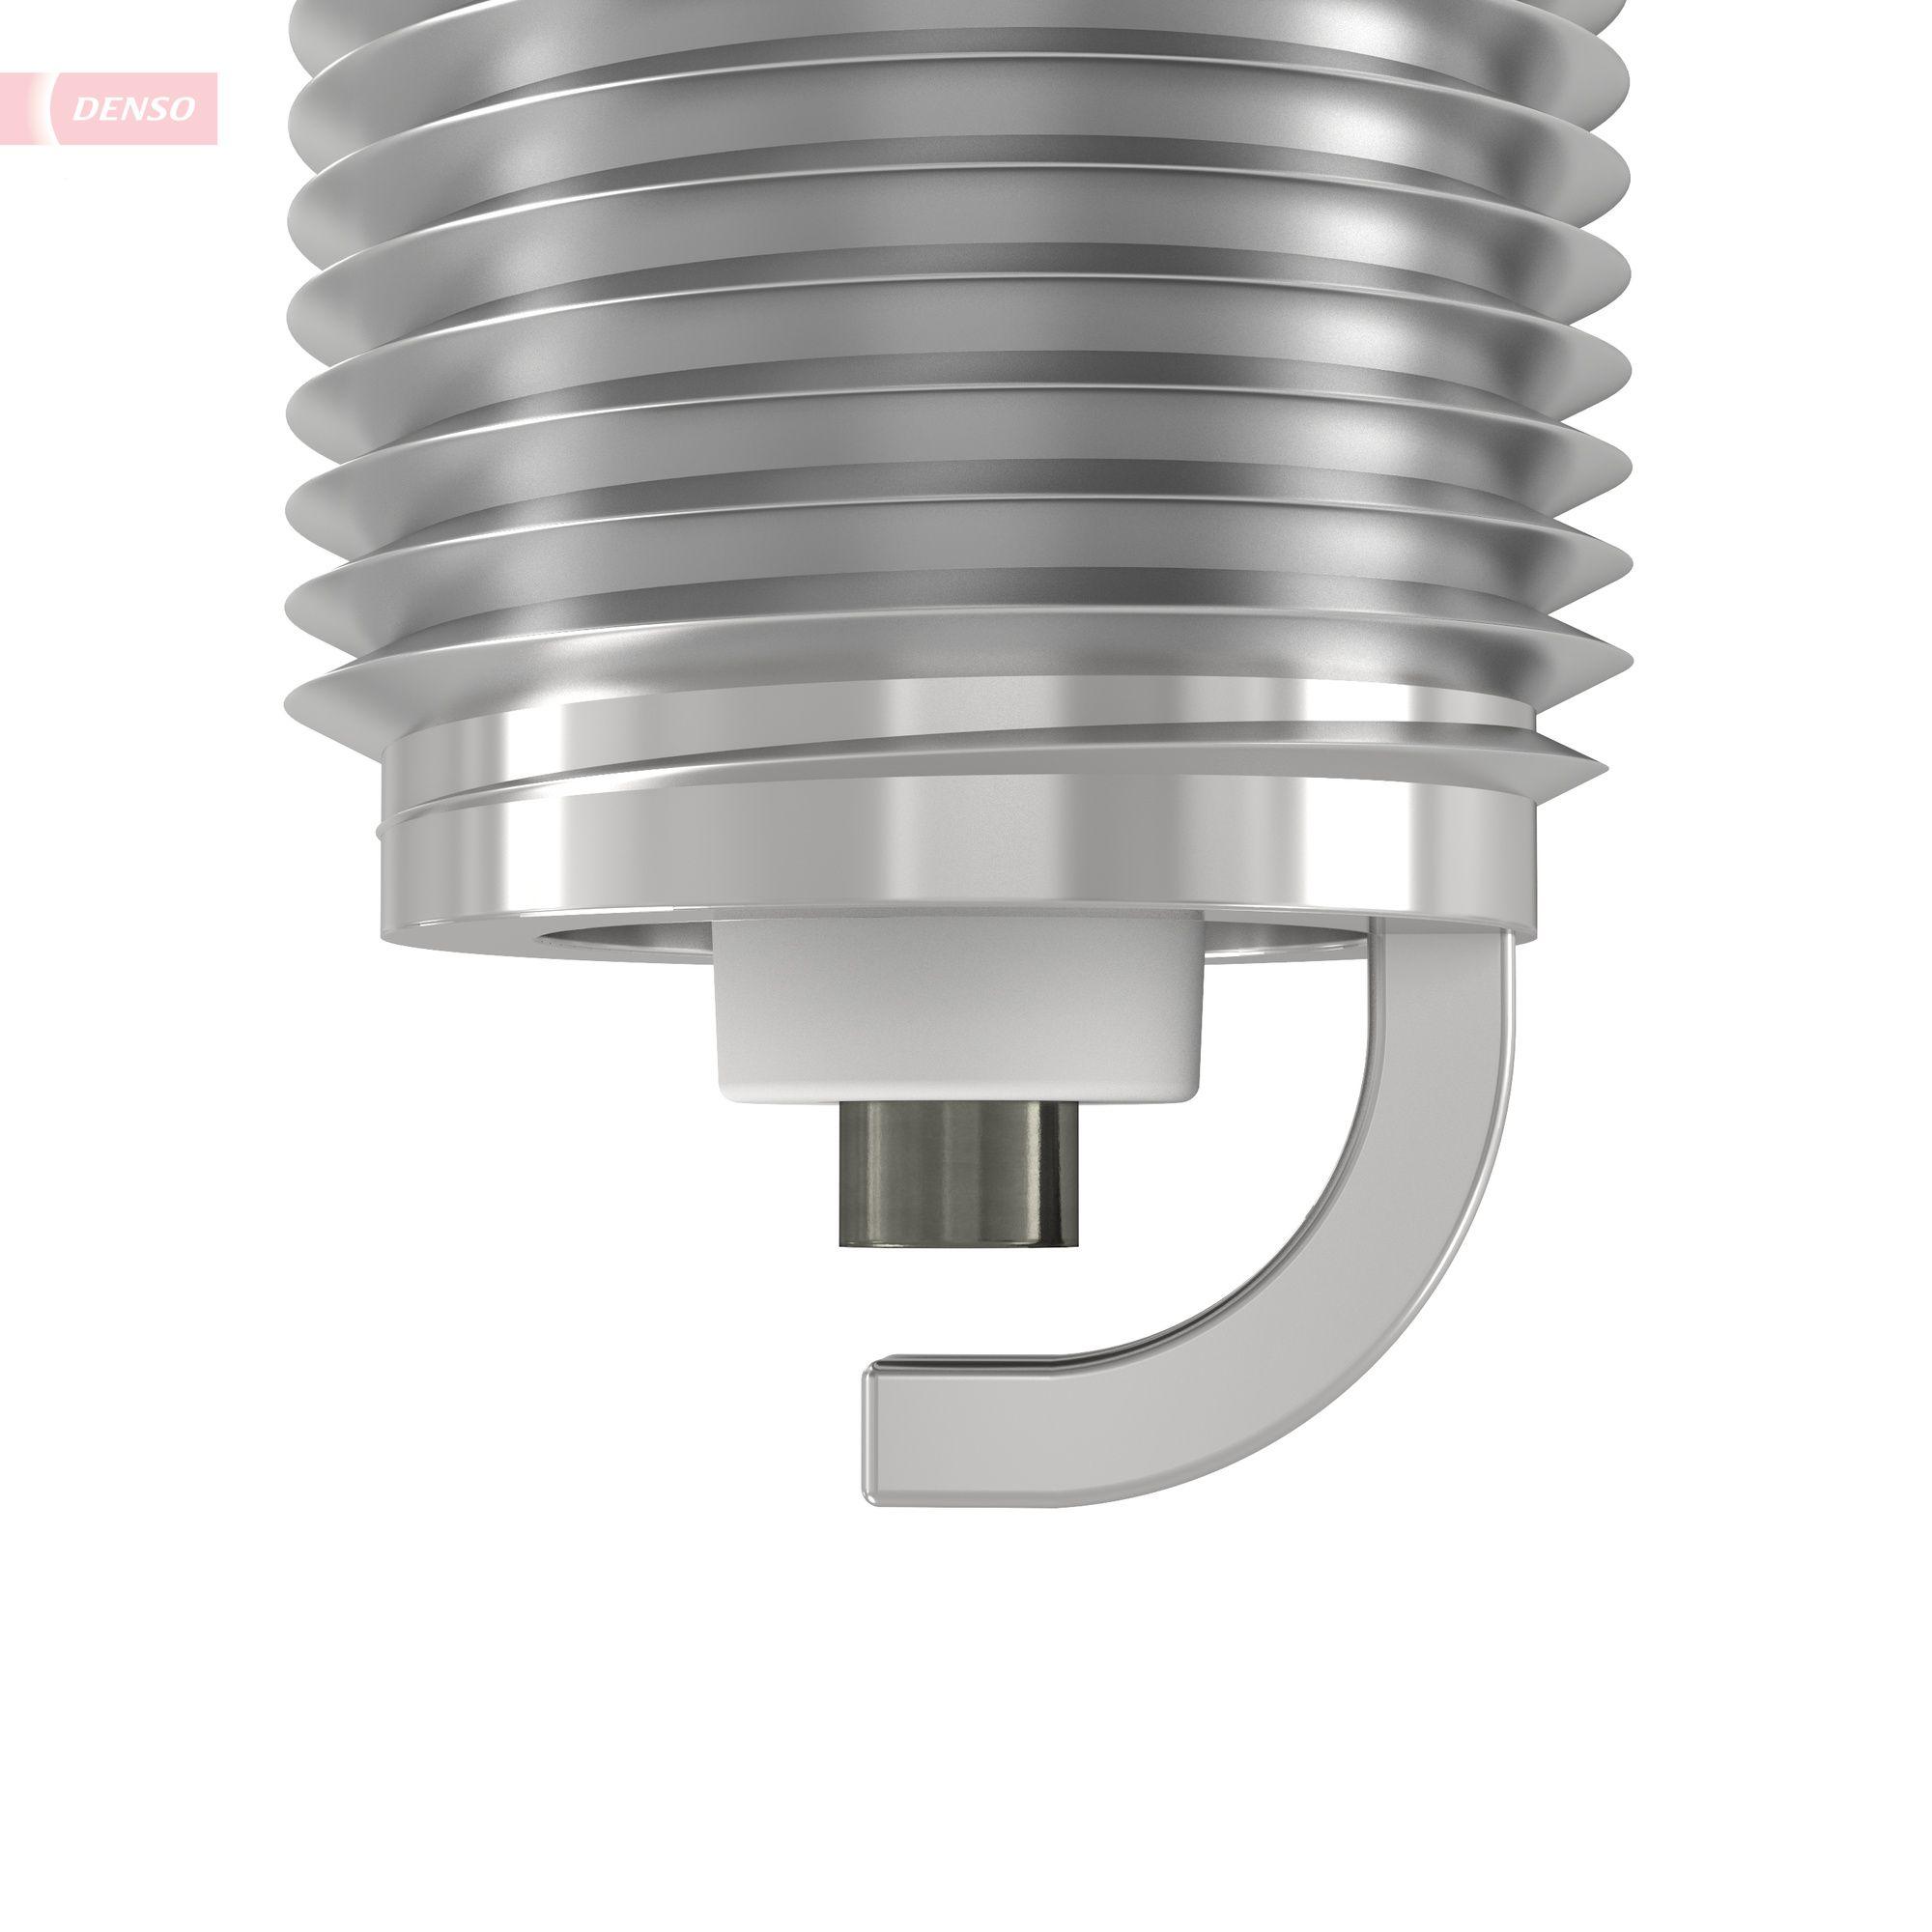 Candela K24PR-U11 DENSO 3308 di qualità originale